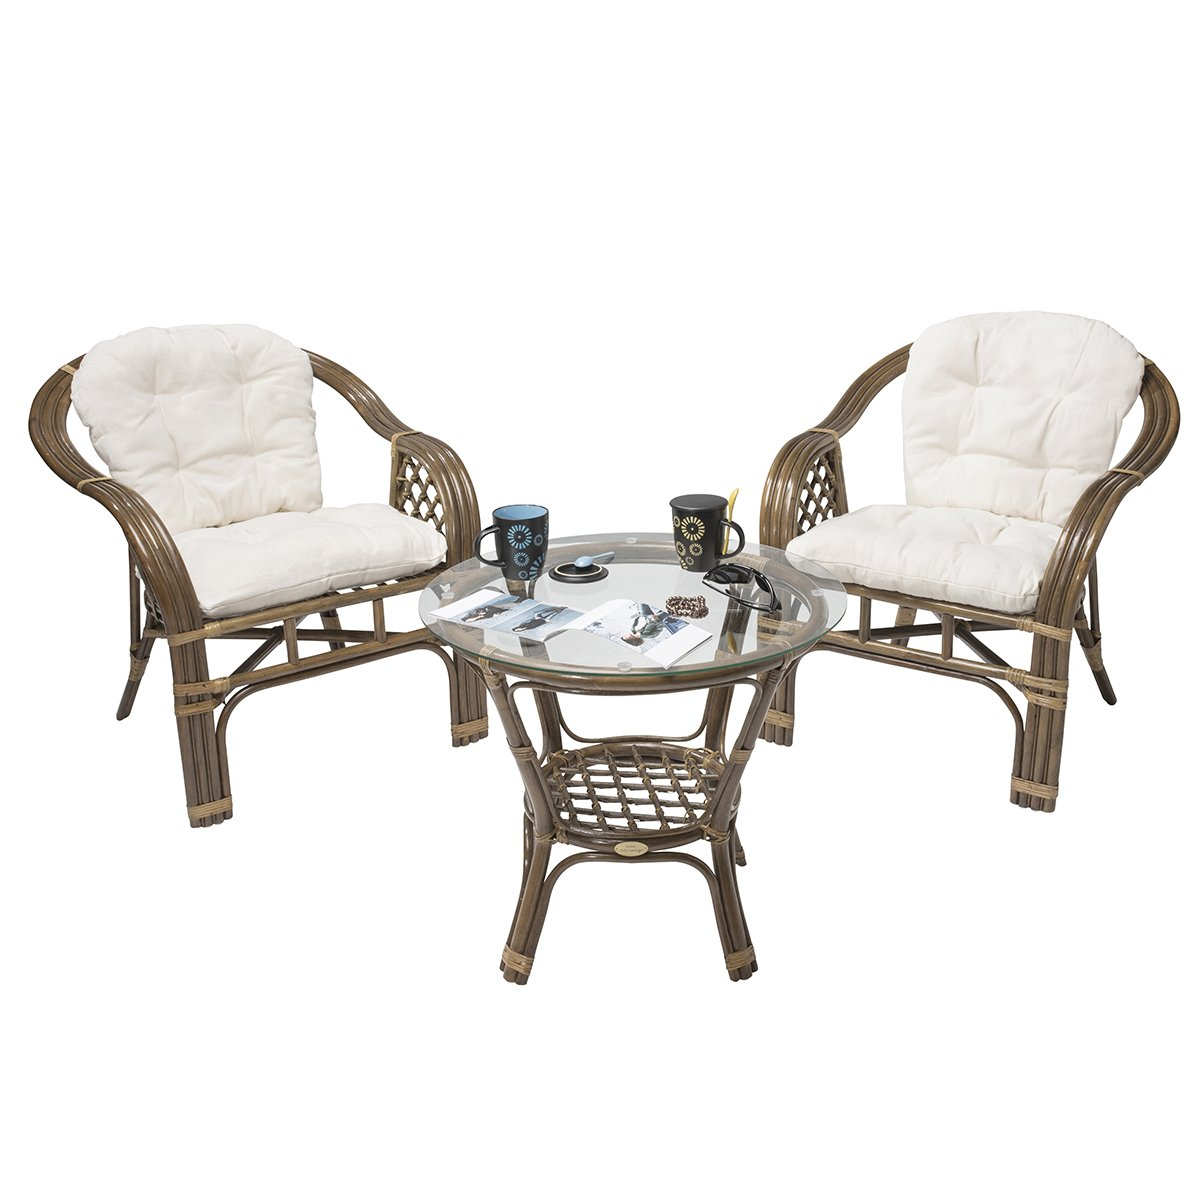 Weihnachten: -45% Rattan-Sitzgarnitur BALK Terrace - Rattan-Möbel-Set dreiteilig - Braun